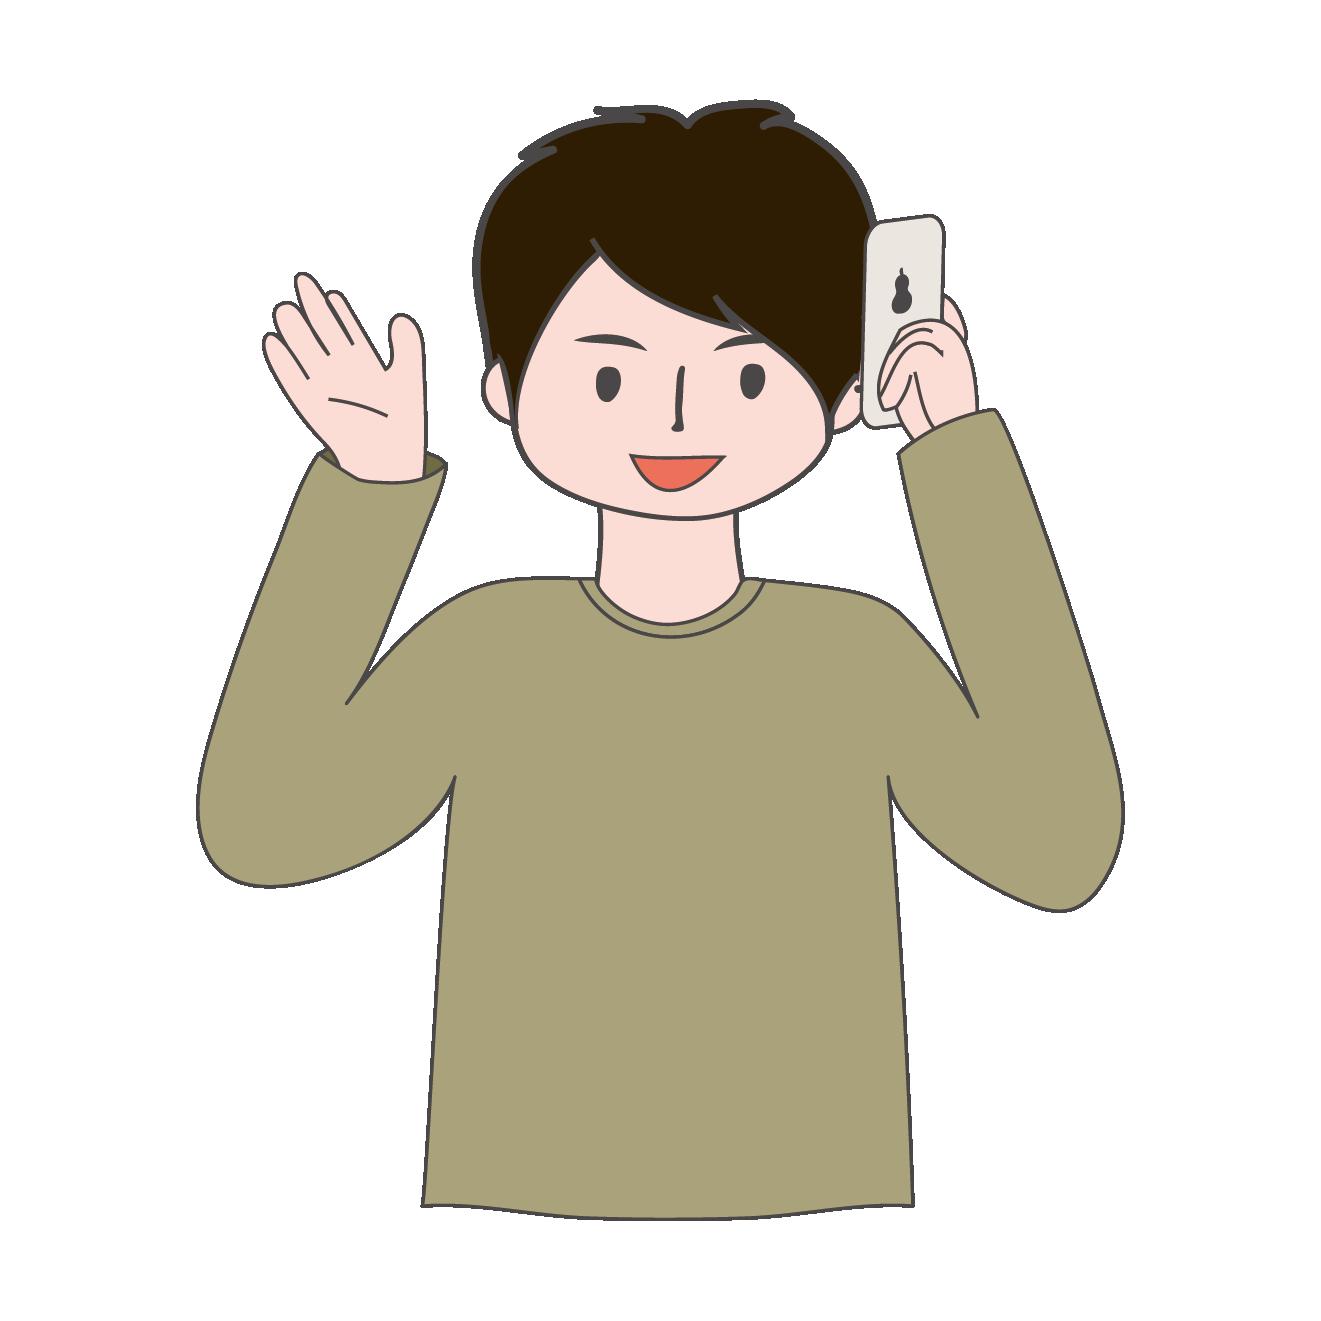 携帯電話で通話中(お話中)の男性のイラスト | 商用フリー(無料)の